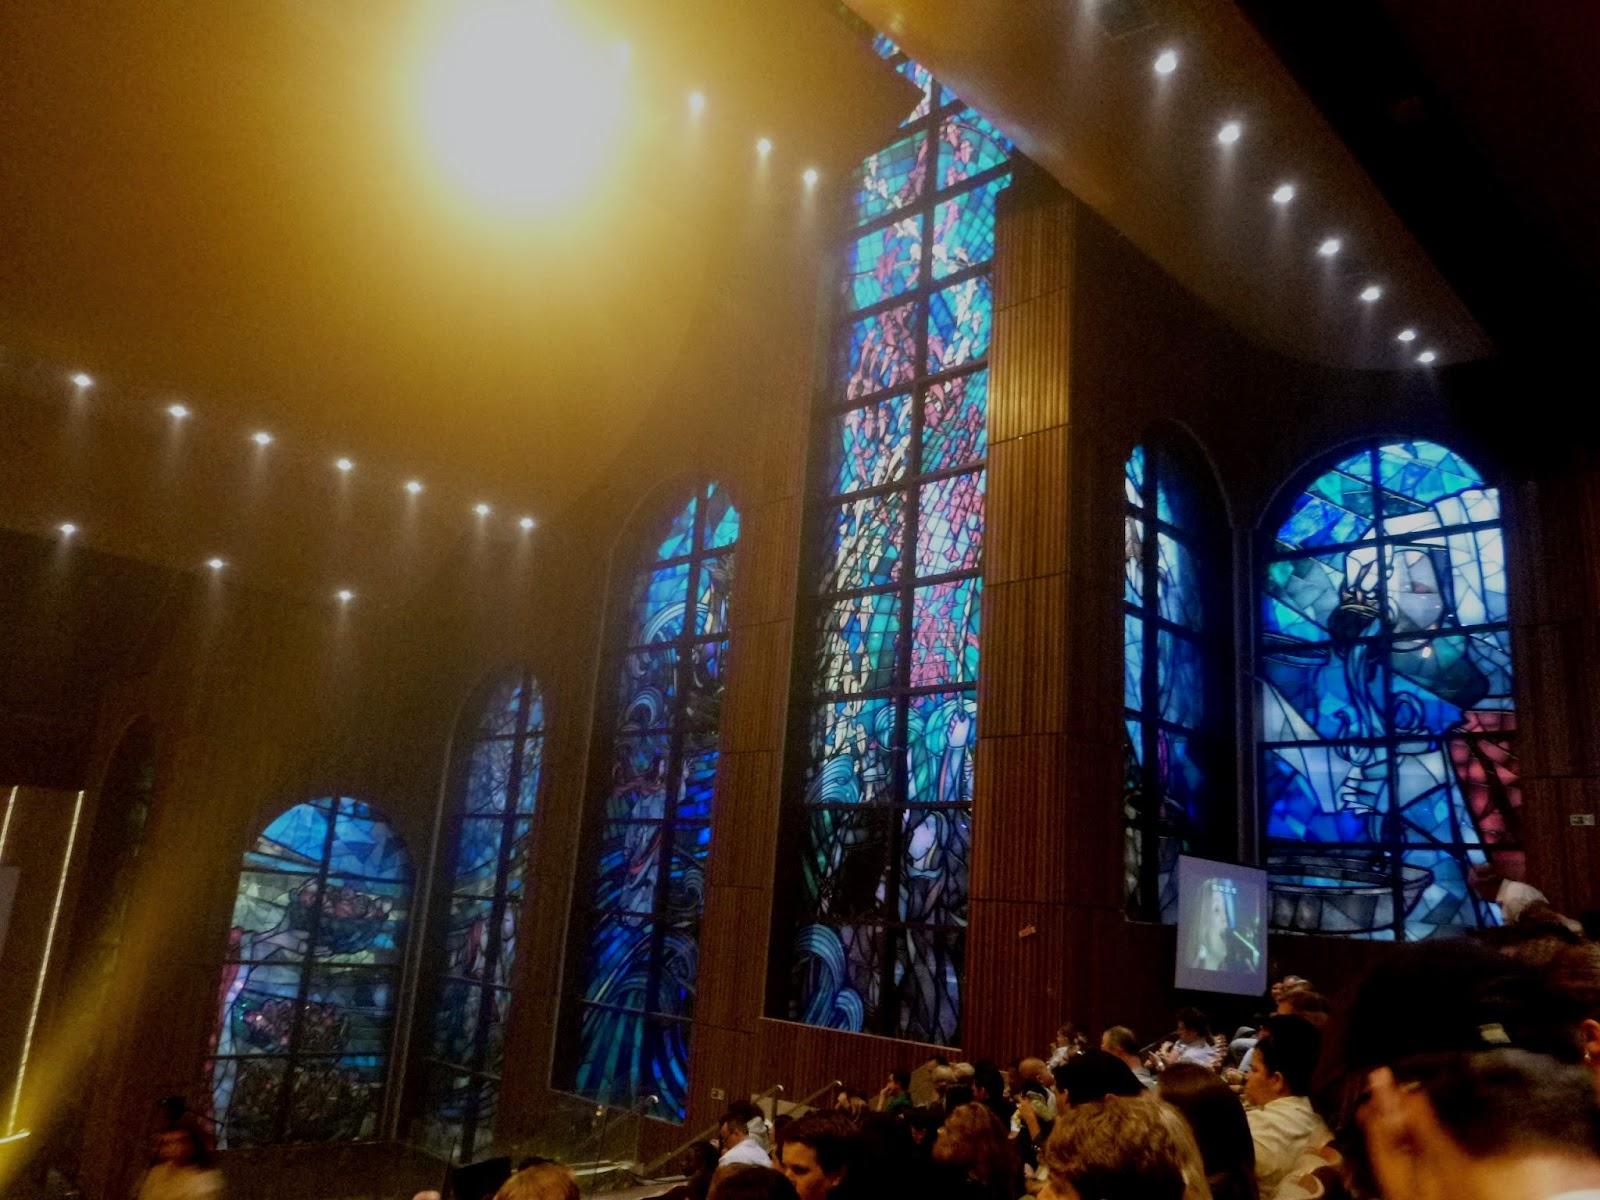 Nataleluia na 1ª Igreja Batista de Curitiba - Curitiba - TURISMO E VIAGEM